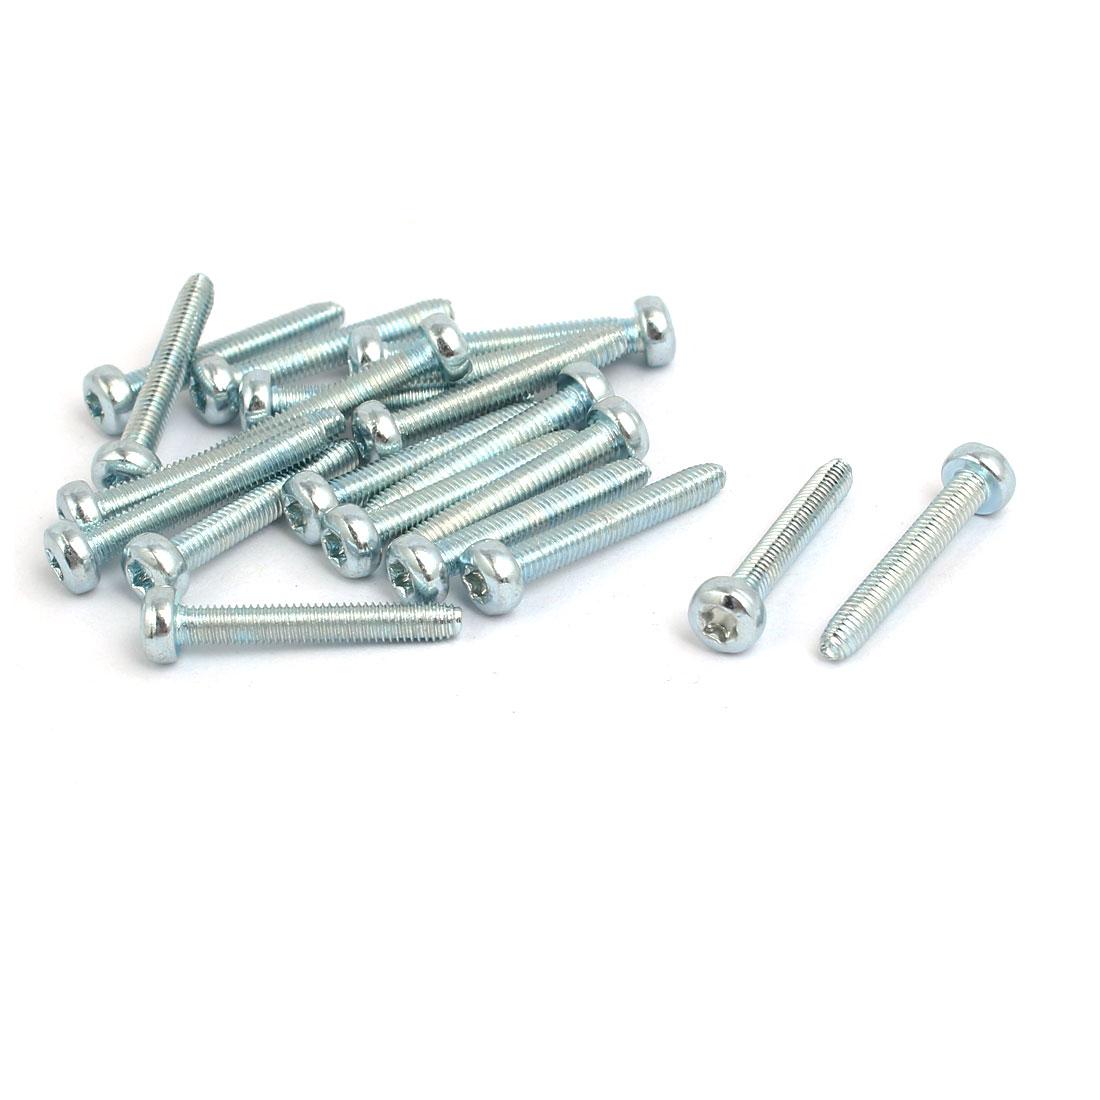 M3x20mm Pan Head Torx Socket Triangle Thread Screw Bolt Silver Tone 20pcs